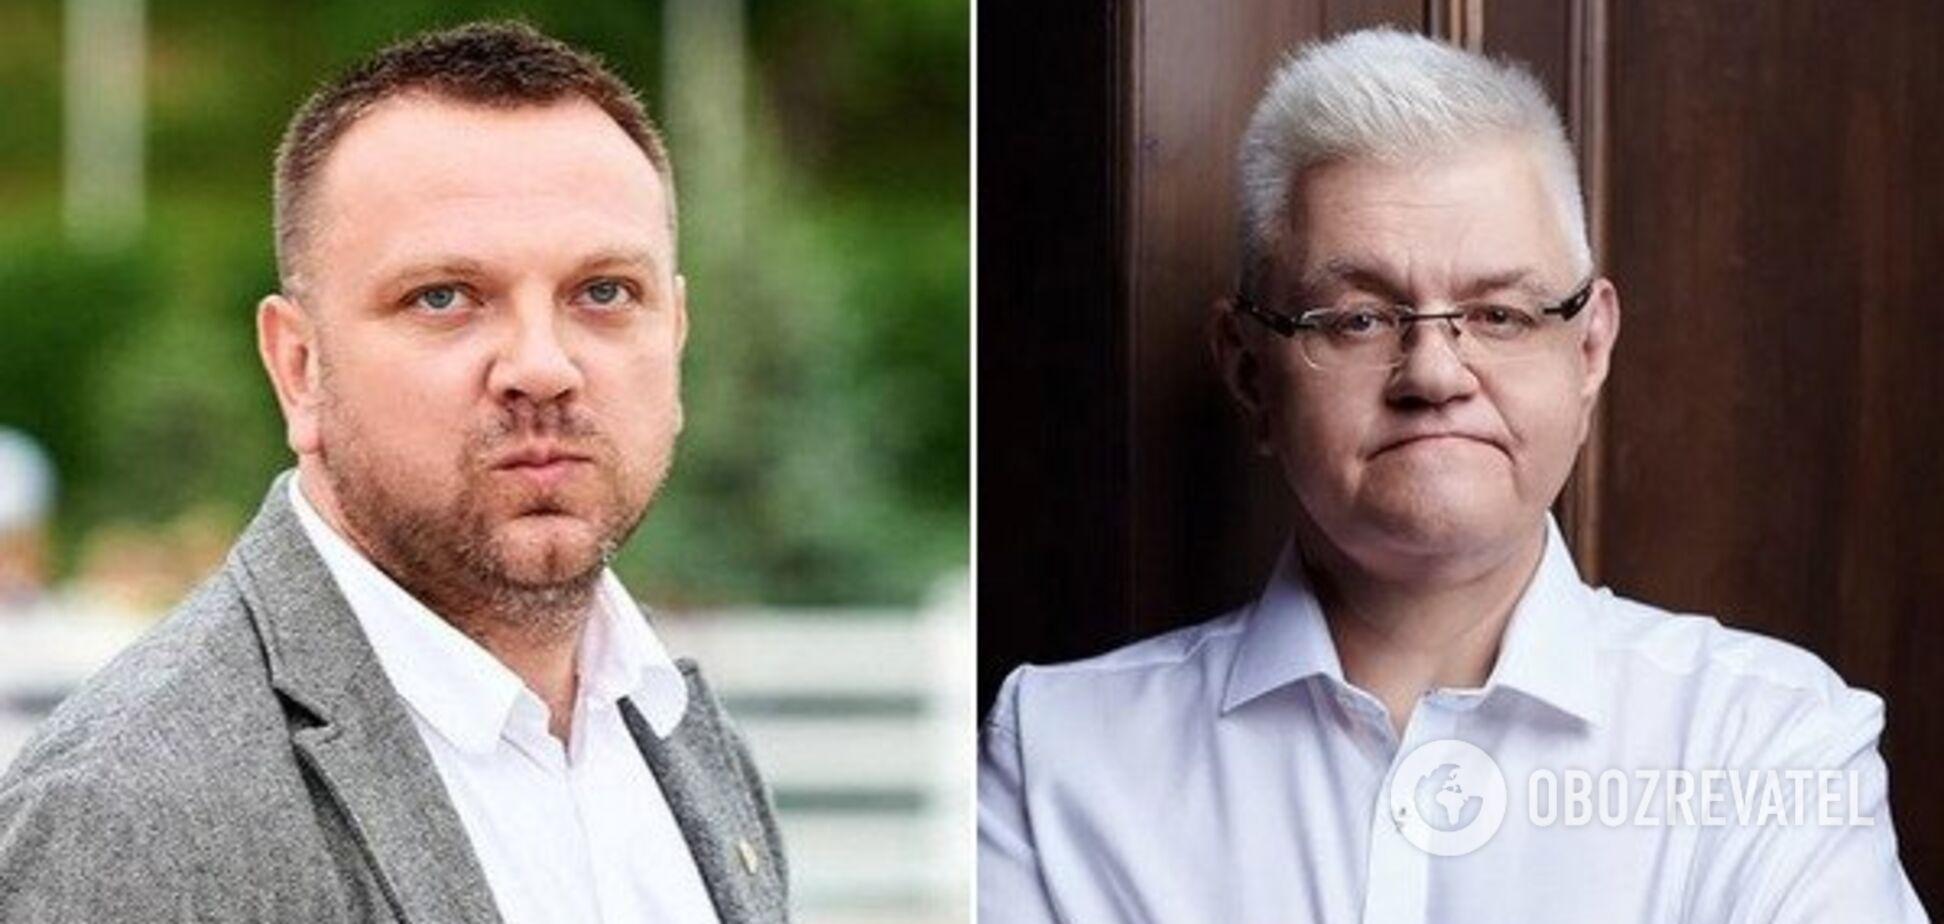 Сивохо и Ткаченко в СНБО возмутили известного волонтера